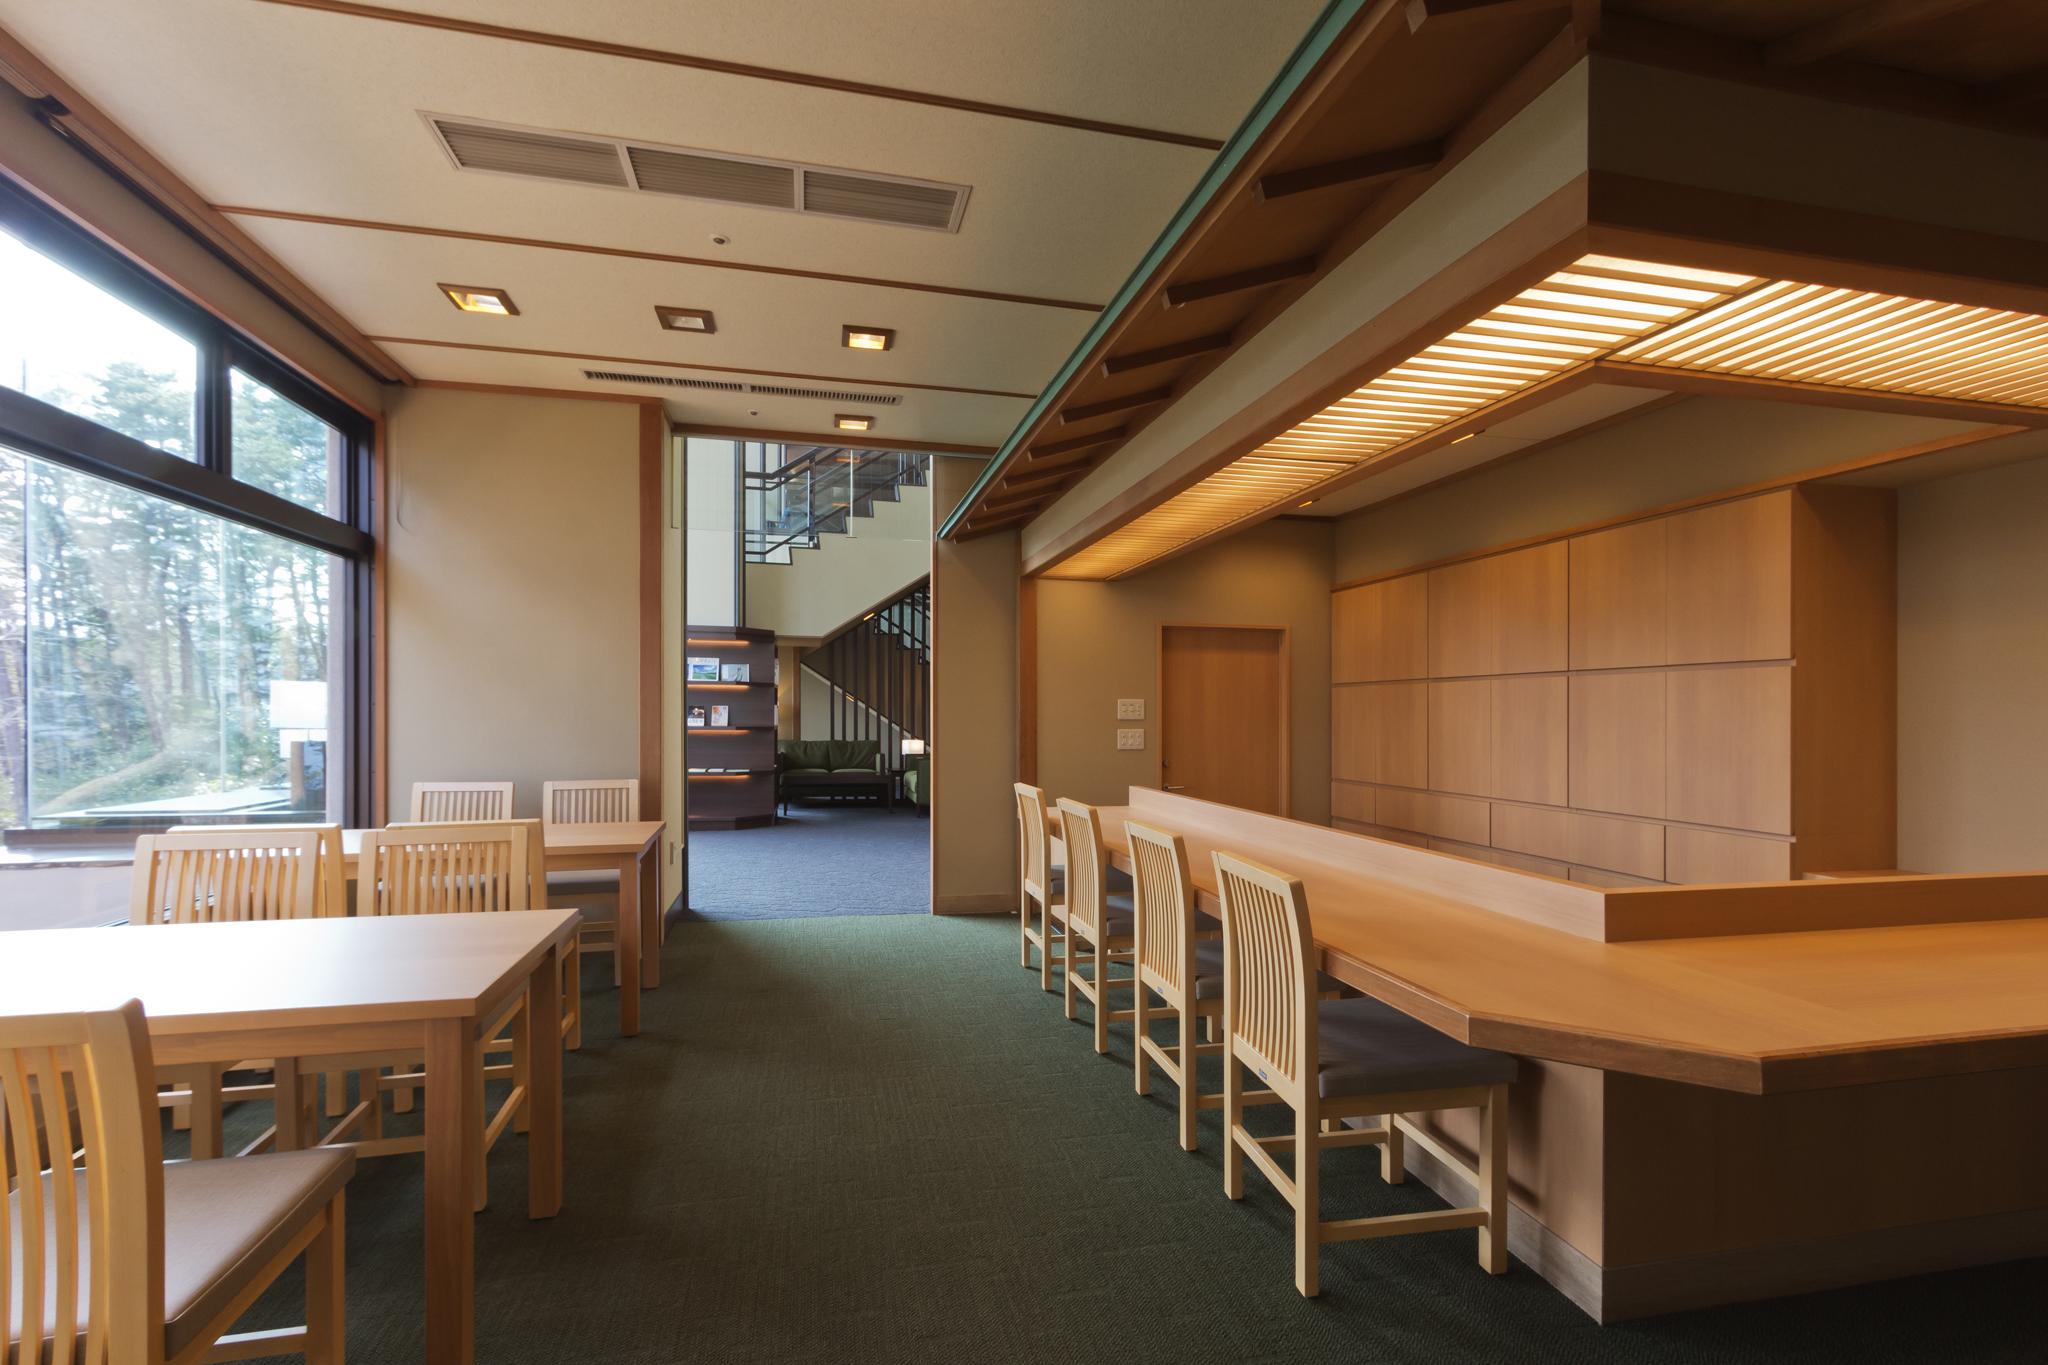 館内2階にある和風レストラン「料理茶屋 おでんせ」。 三陸ならではの味を味わえます。